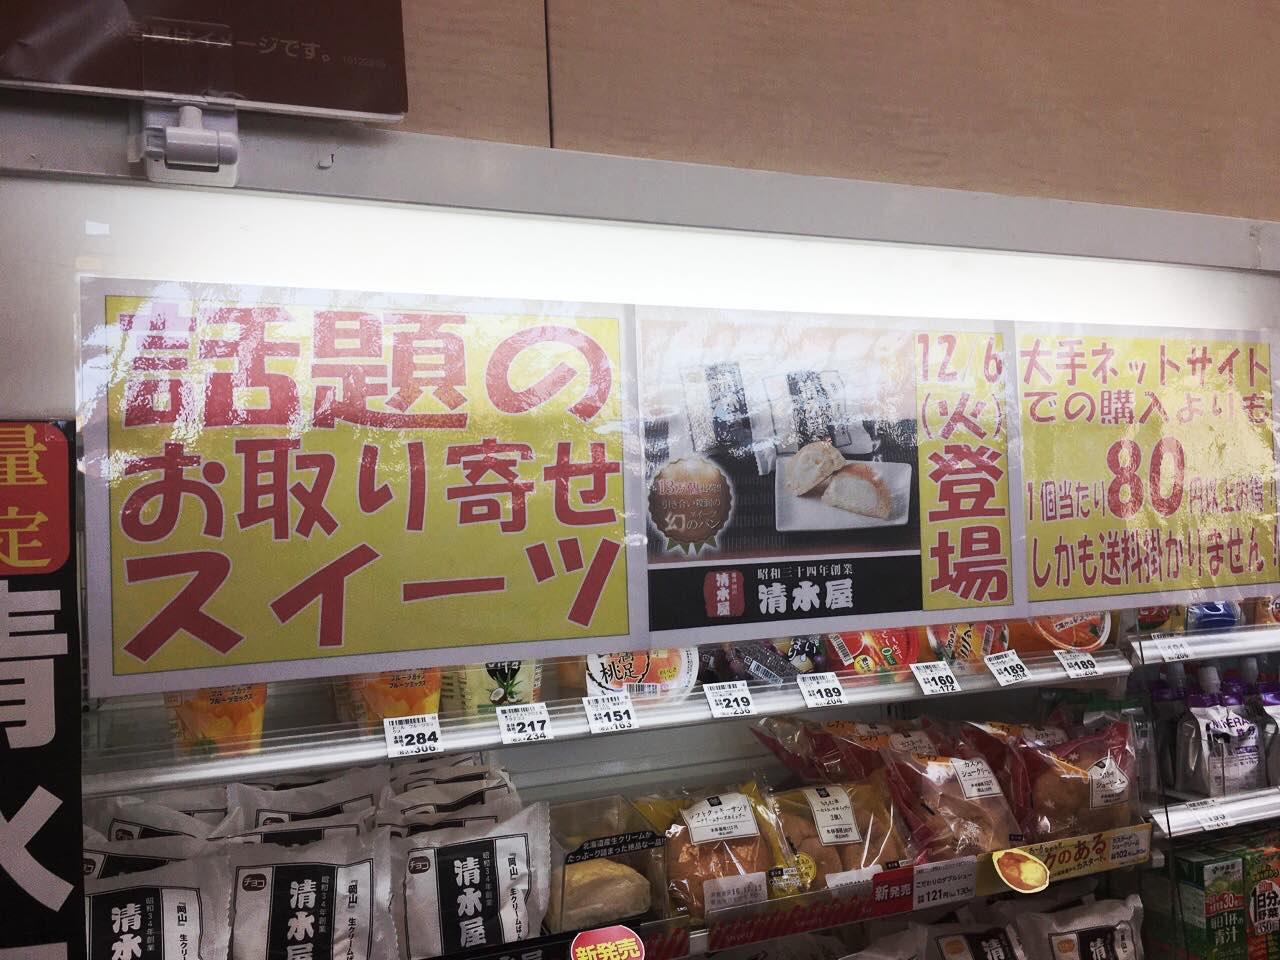 清水屋クリームパンmini stop pasal幕張店